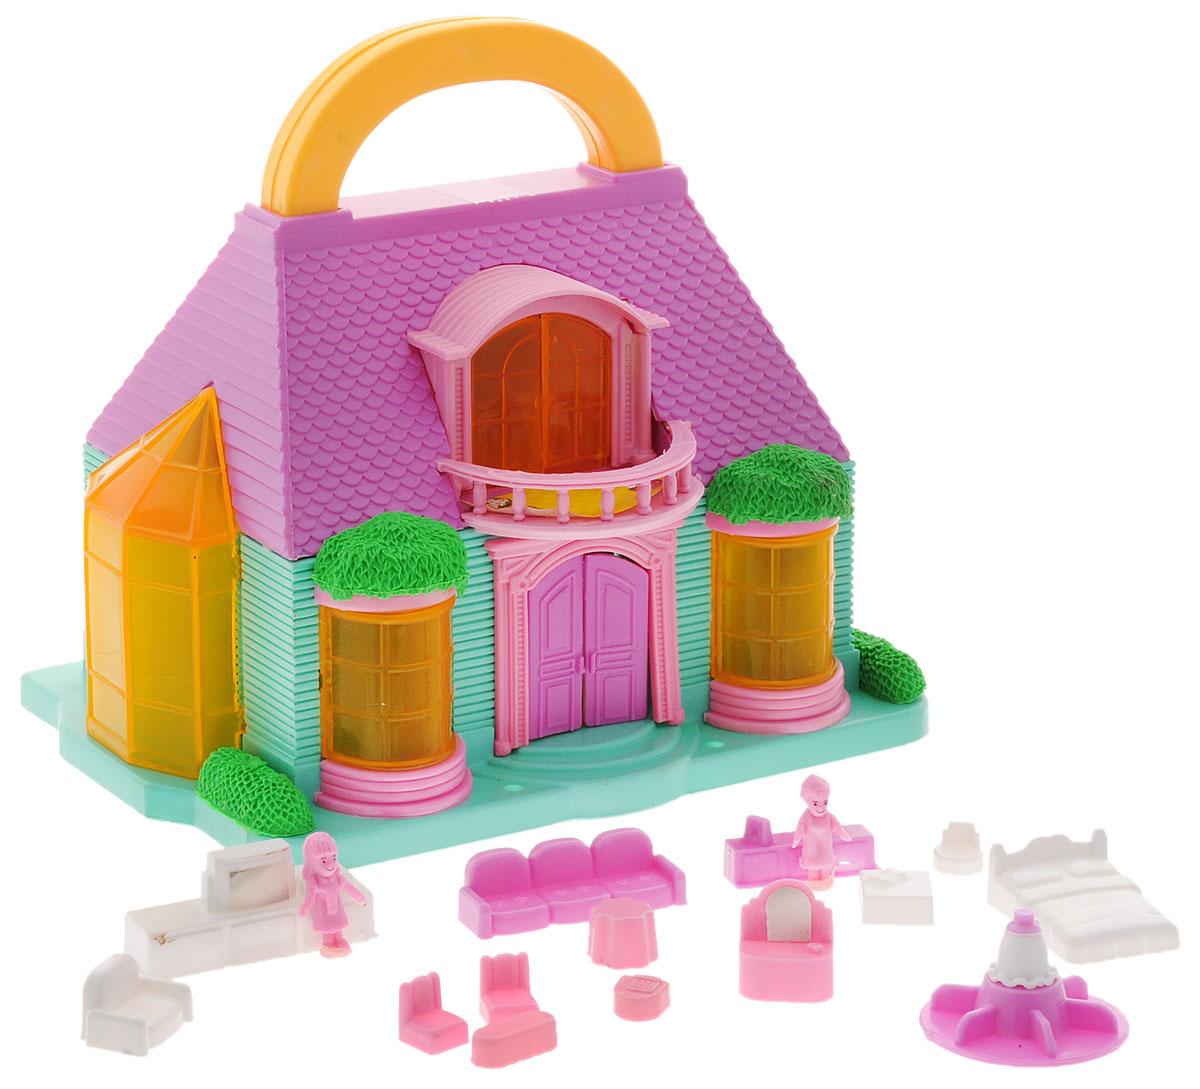 ABtoys Летний домик для куколPT-00228_сиреневый бирюзовый с балкономЛетний домик для кукол ABtoys с удобной ручкой для переноски просто необходим для веселой жизни ваших мини-куколок! Дом имеет красивый фасад и оснащен откидными балконом. В наборе имеется множество аксессуаров, которыми можно обустроить жилище. Набор поможет детям представить себя в роли дизайнера, занимающегося обстановкой и декором домика для любимой куколки, а также станет главным атрибутом для увлекательных сюжетно-ролевых игр. Набор выполнен из качественного и безопасного материала.